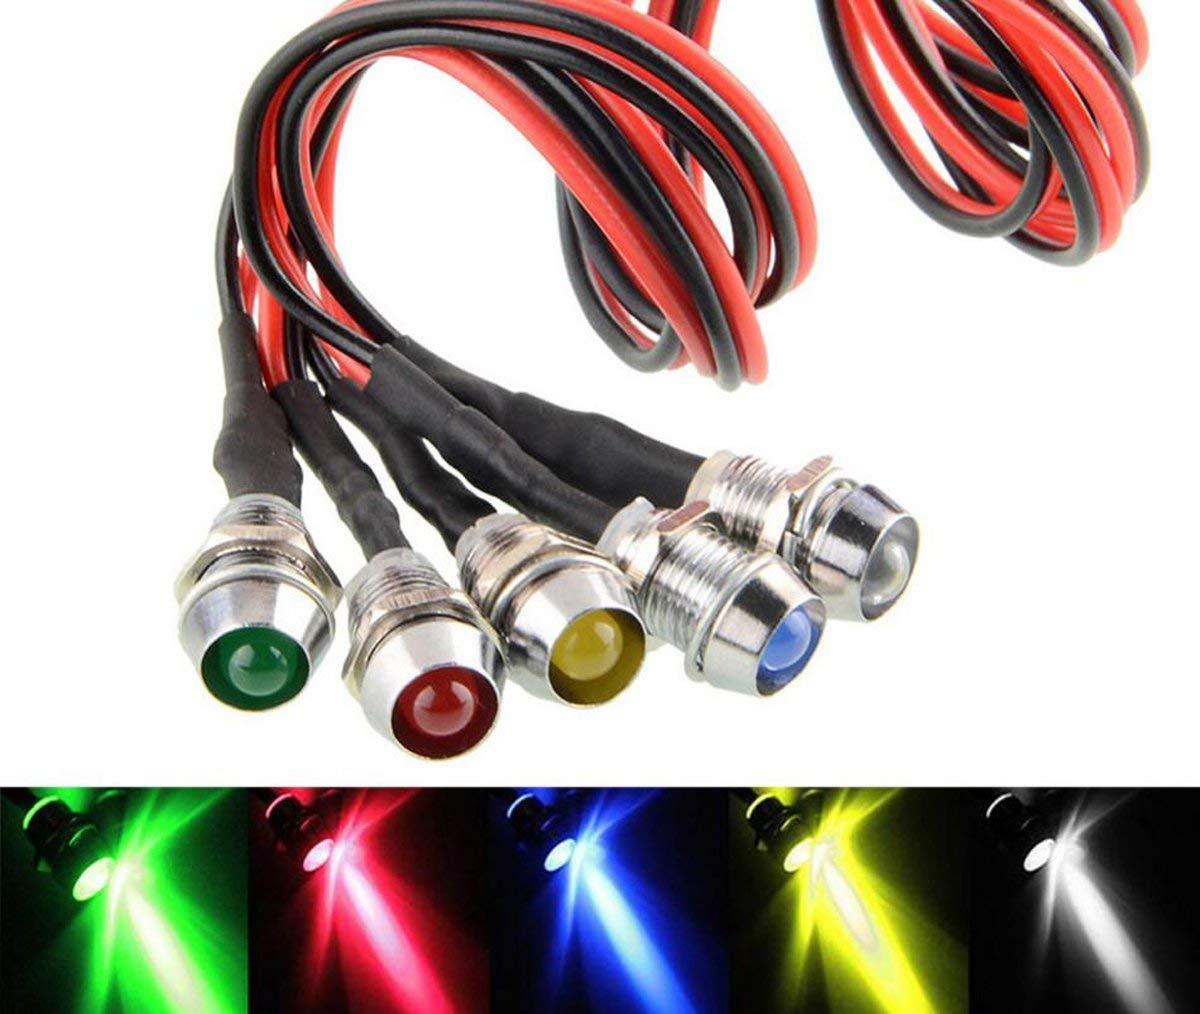 5 PCS LED Indicateur Ampoule 12V 8mm Feux de Signal Costume Voyant de Lampe LED pour Voiture Camion Bateau et Voiture de Contr/ôle de Voiture de Mod/èle